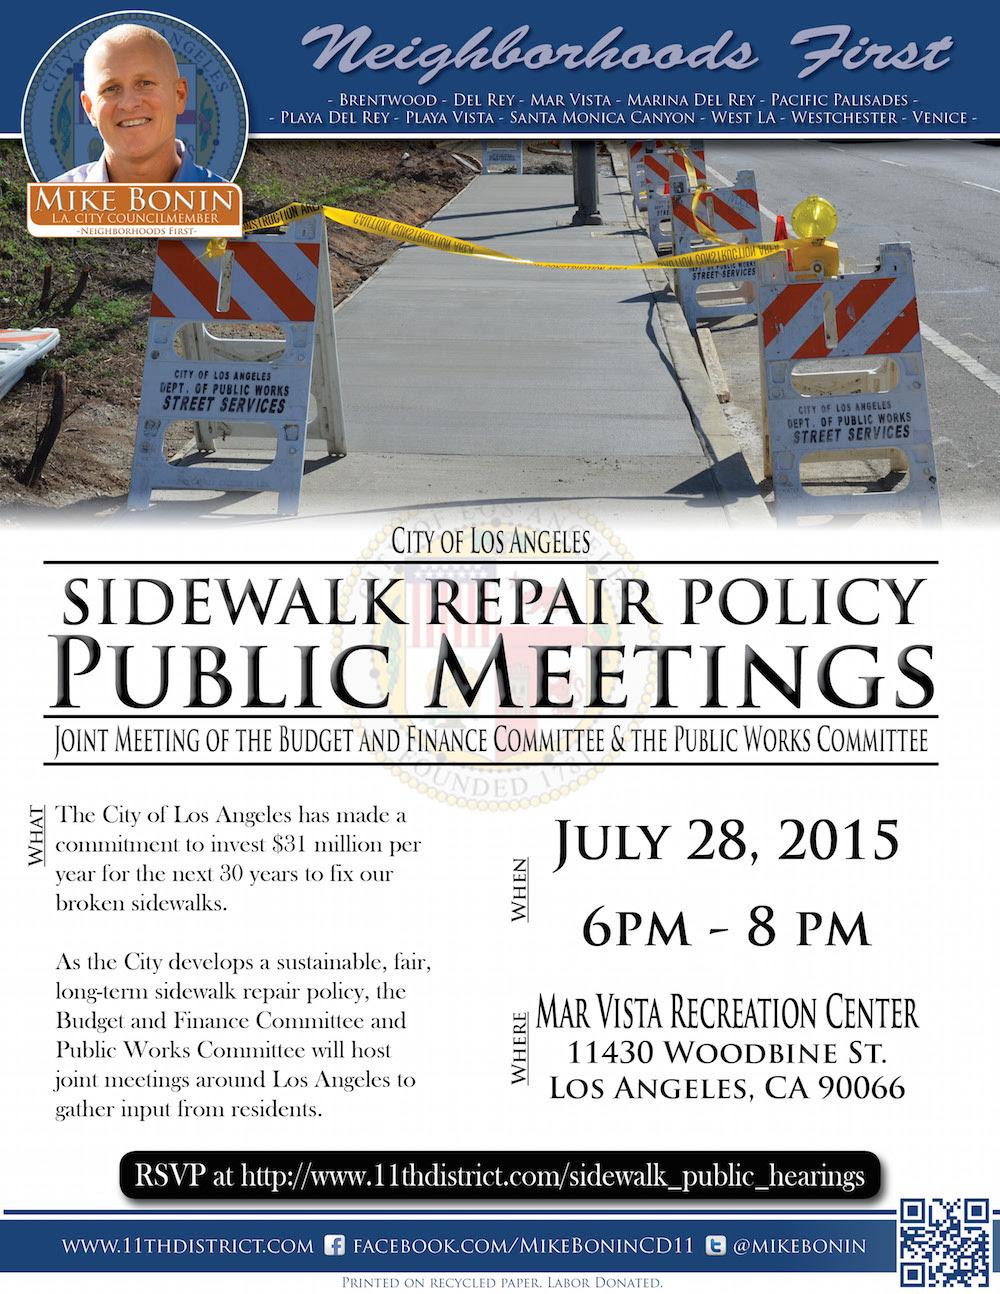 Sidewalk_Repair_Policy_Westside_Hearing.jpg